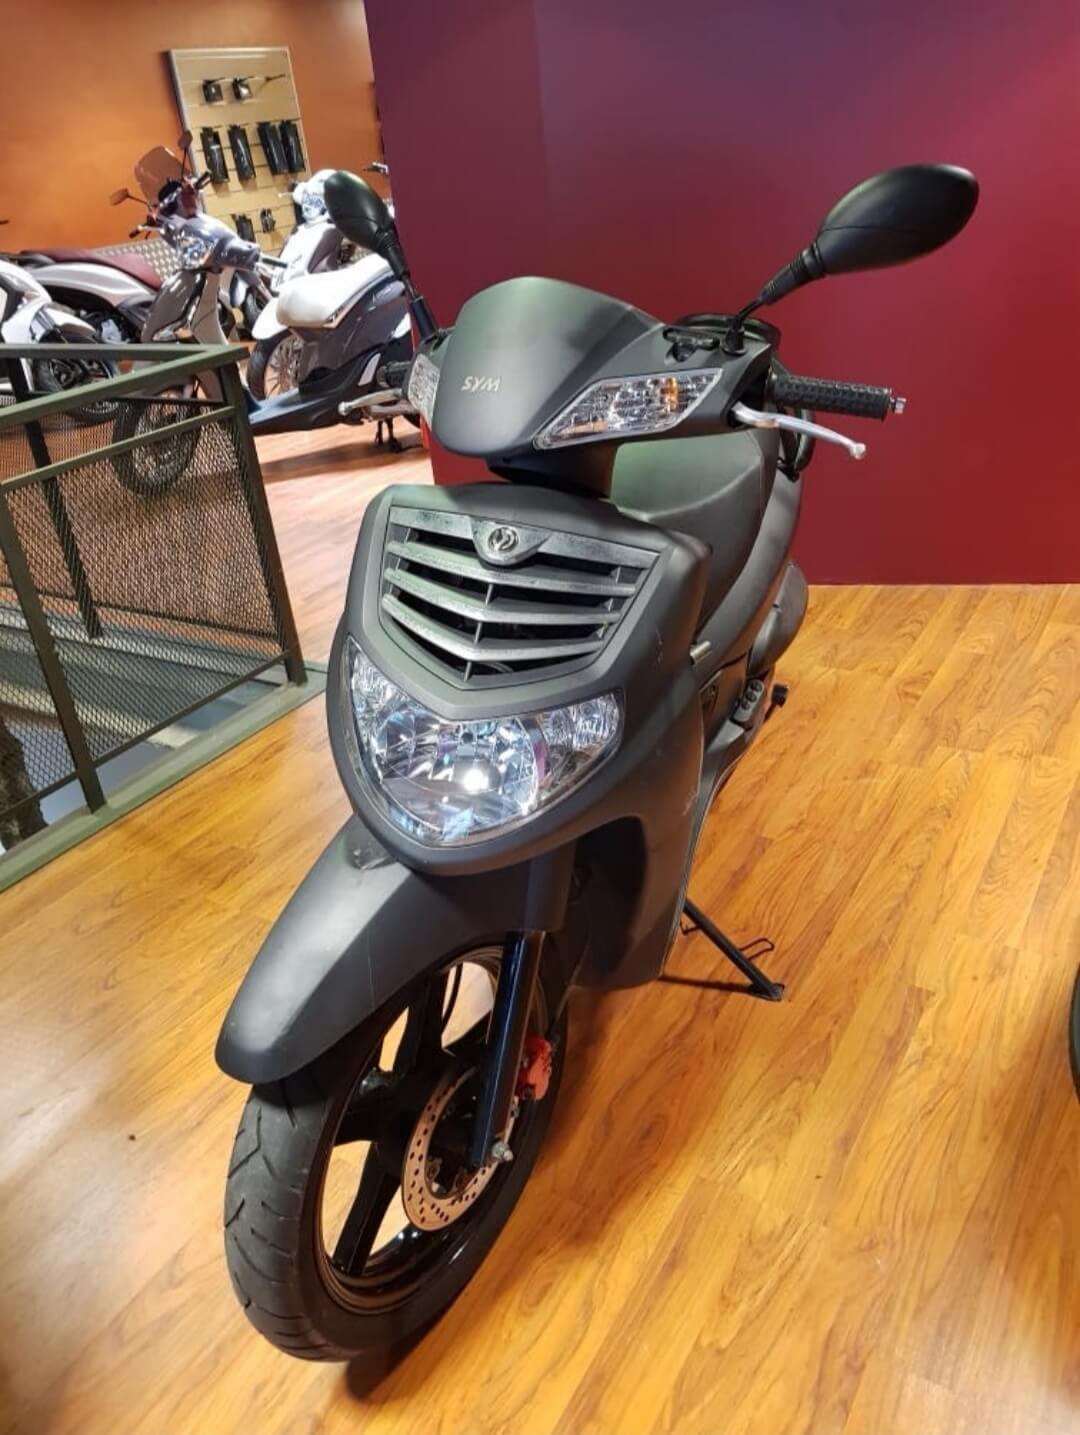 comprar-motos-ocasion-sym-hd-200-evo-motissimo-barcelona